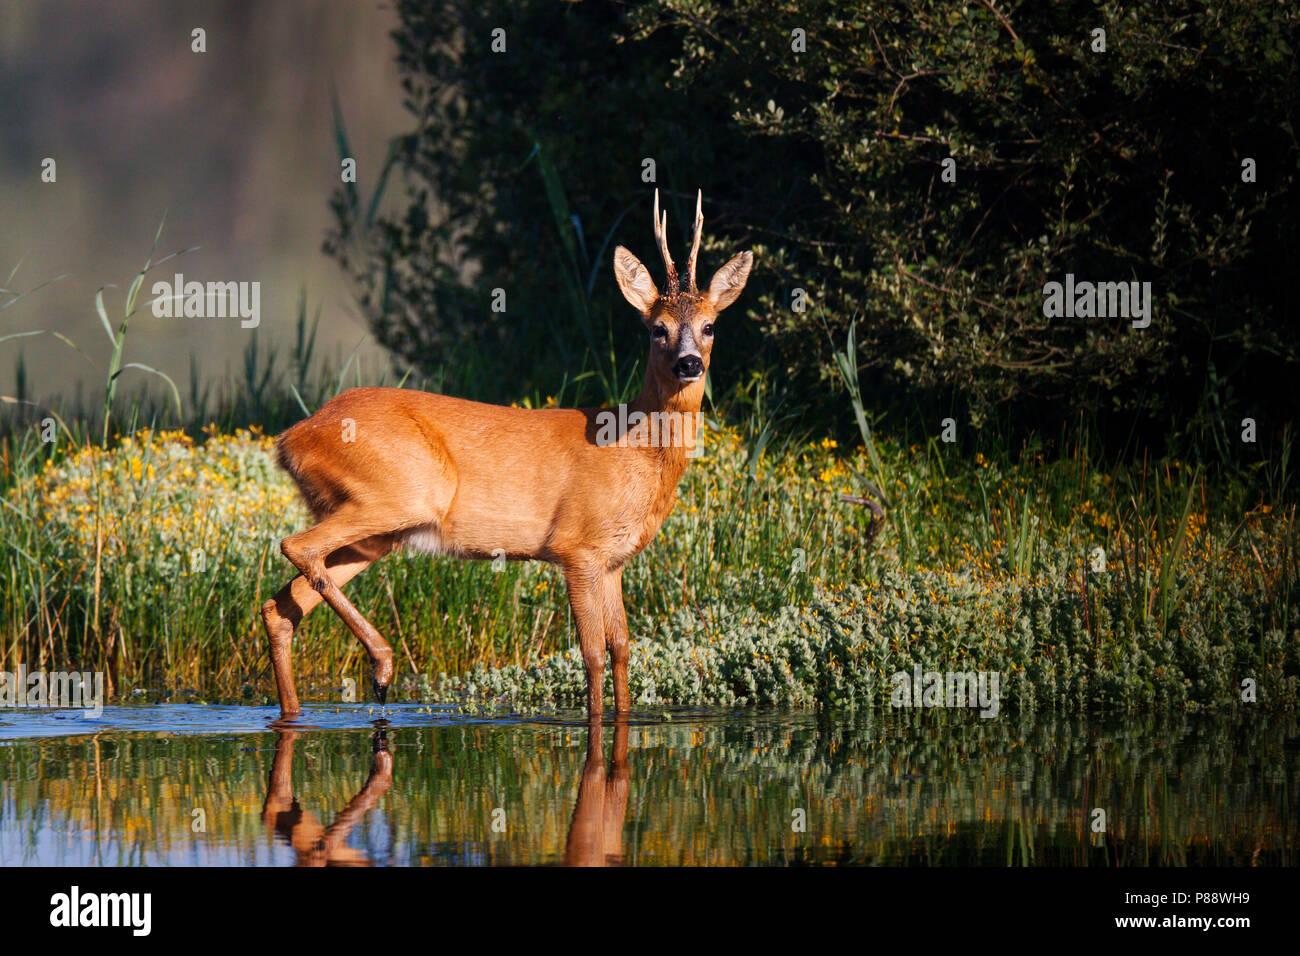 Mannetje Ree lopend, stappend door ondiep water van ven de Banen ; Male Roe deer walking, stepping through shalow water of fen - Stock Image